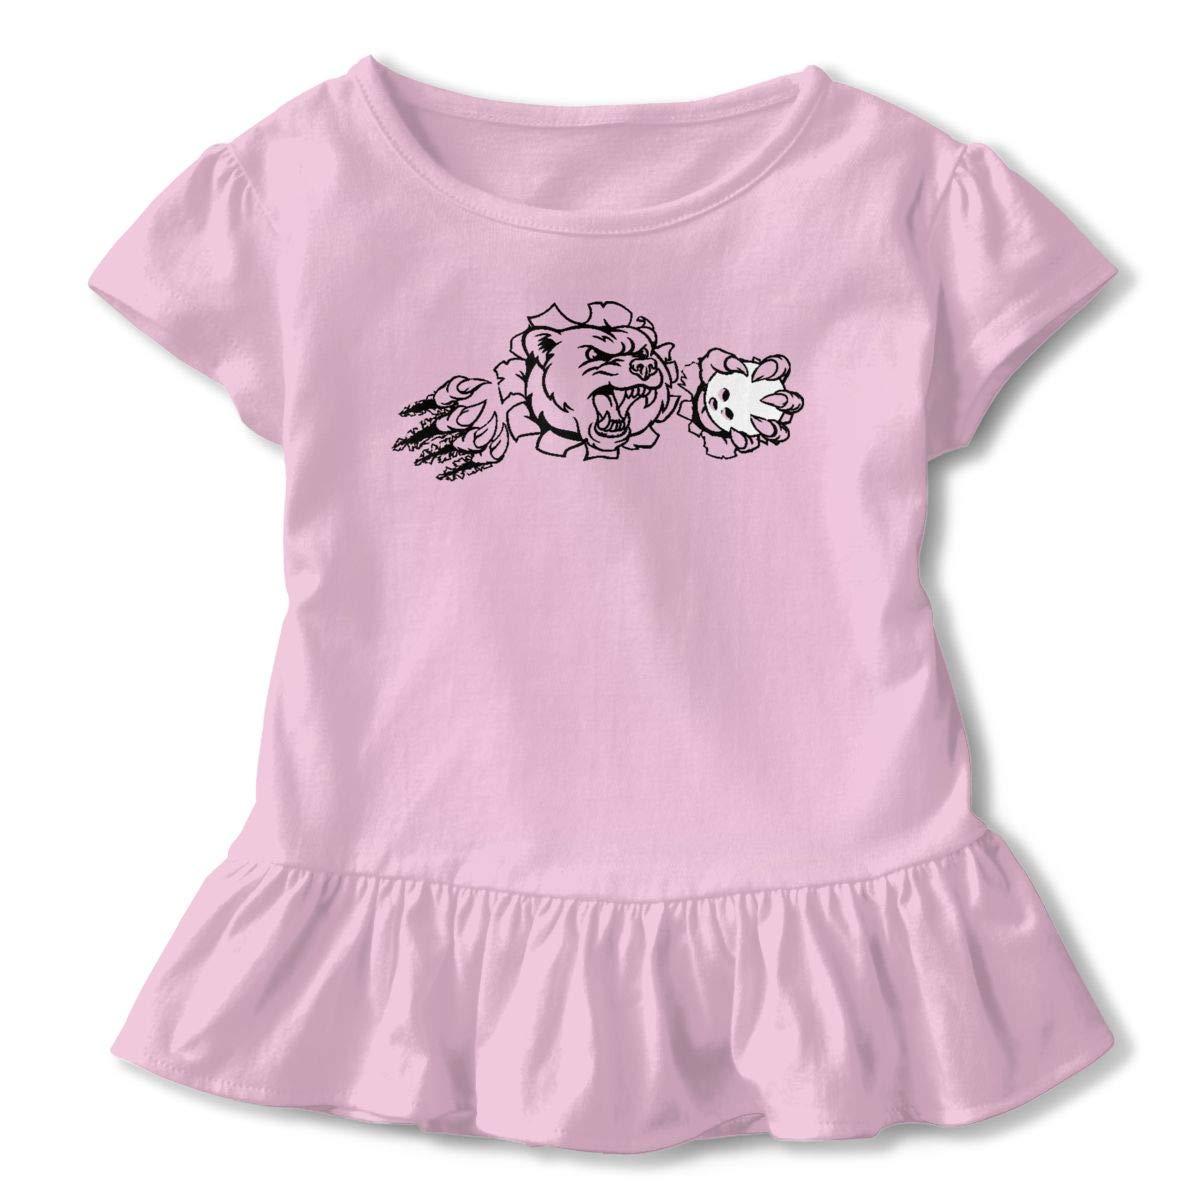 Bear Holding Bowling Ball Shirt Comfort Infant Girl Flounced T Shirts Shirt Dress for 2-6T Kids Girls